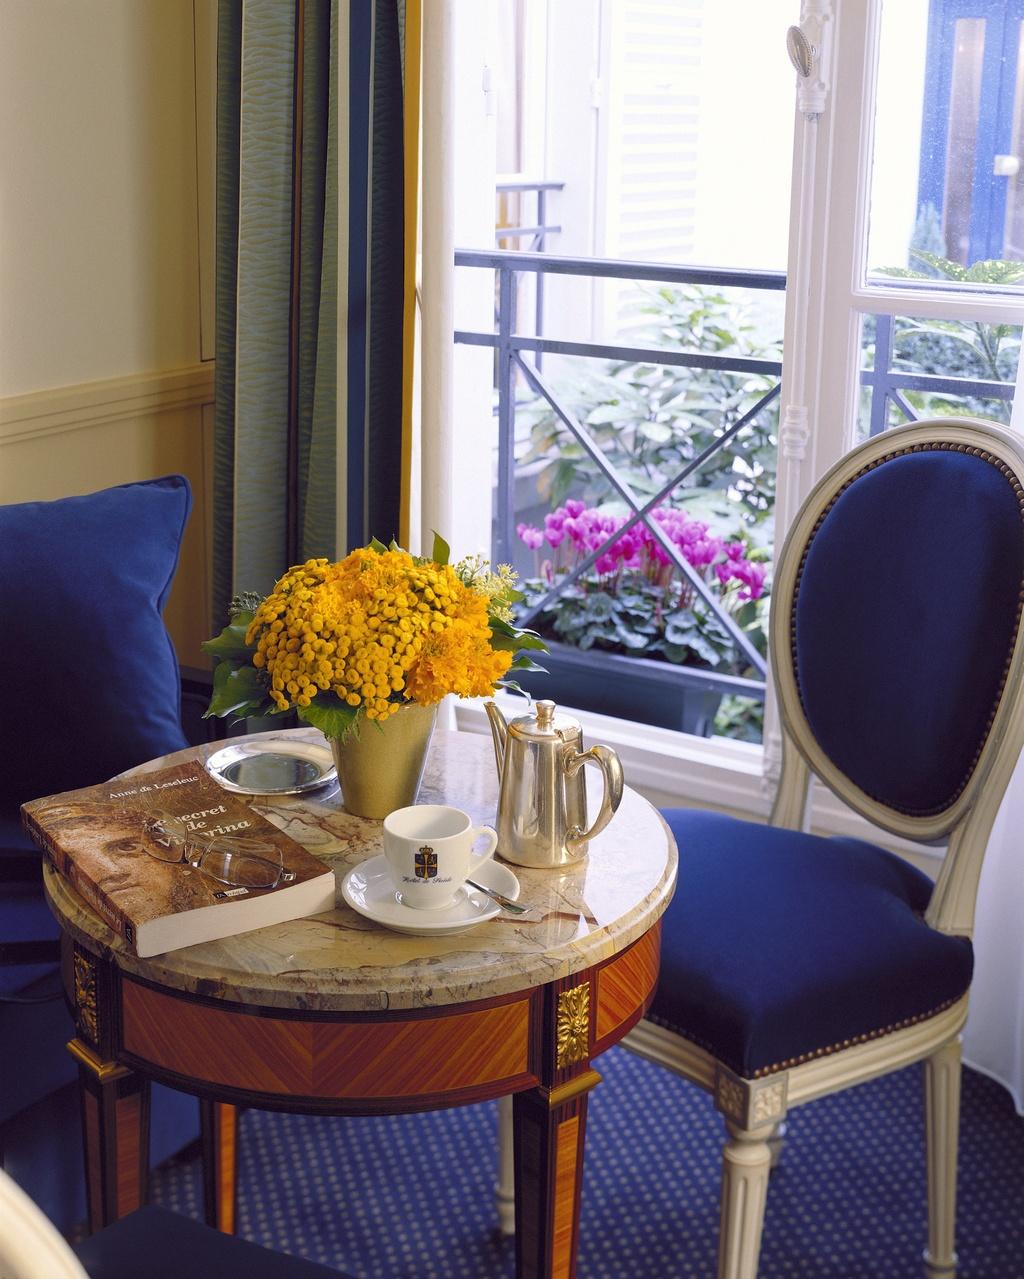 hotel de su de saint germain paris 7e arrondissement france. Black Bedroom Furniture Sets. Home Design Ideas